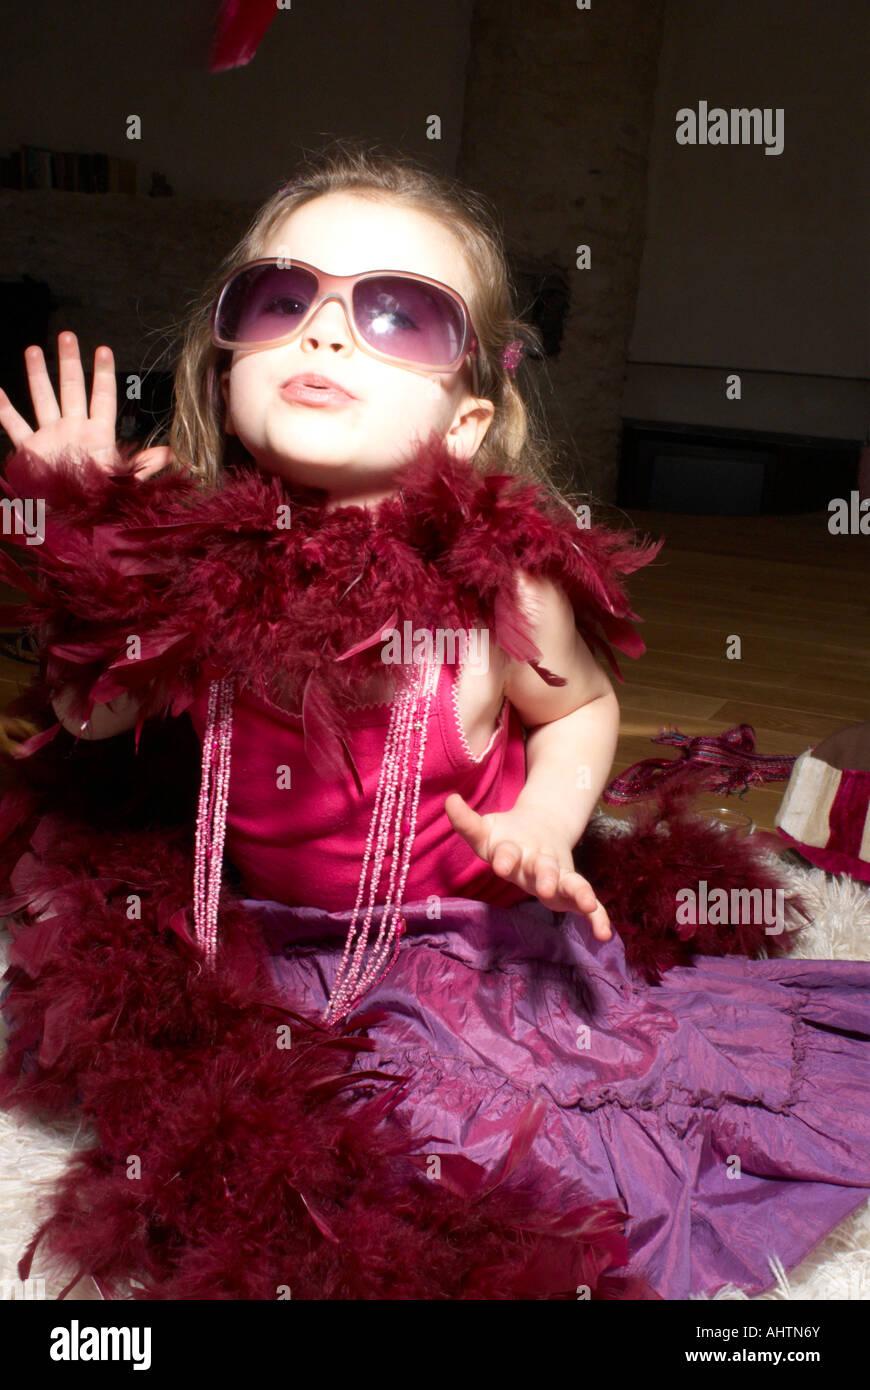 Mädchen (2-4) gekleidet für Party, benimmt sich wie eine Diva ...